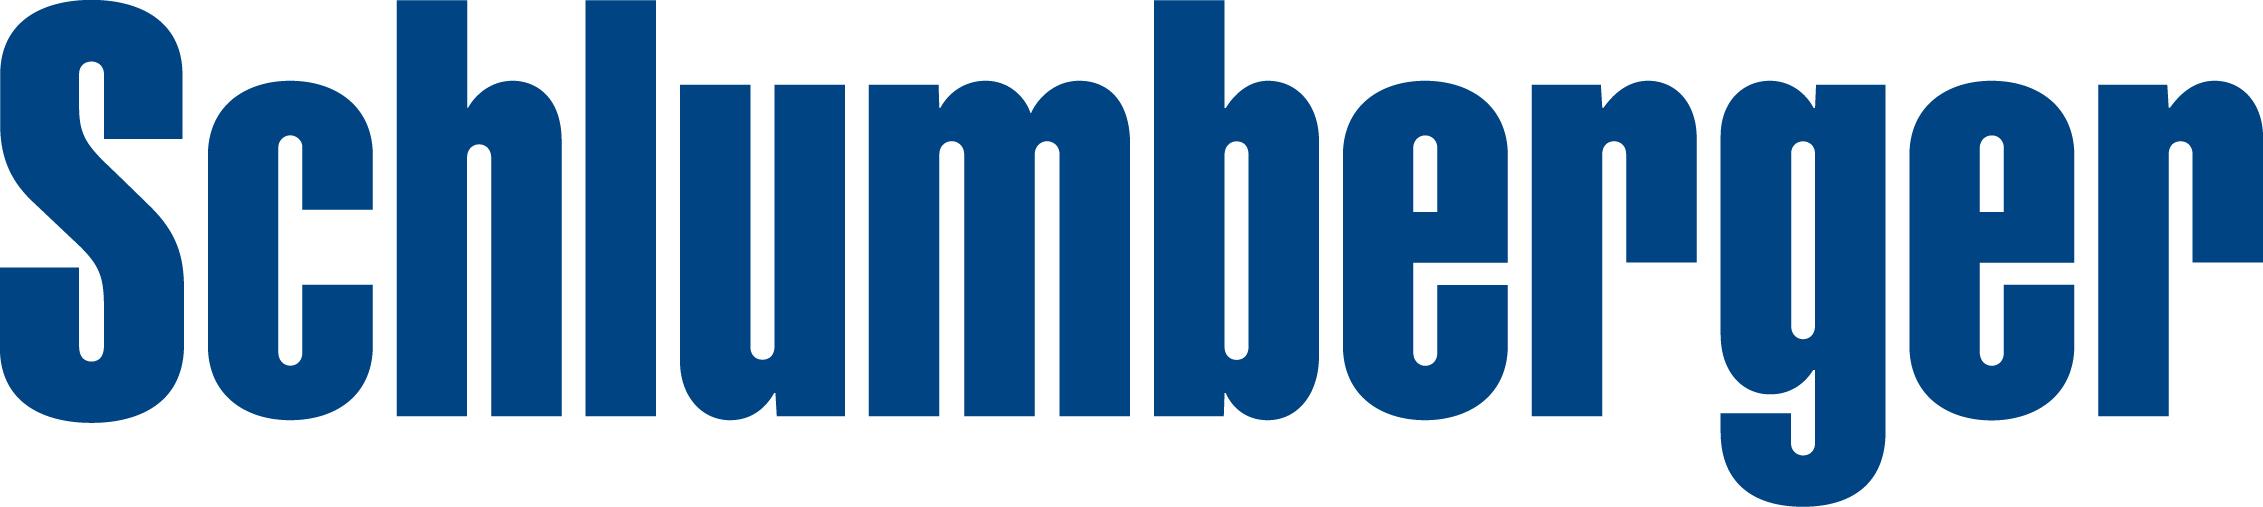 Schlum_logo_blue.jpg